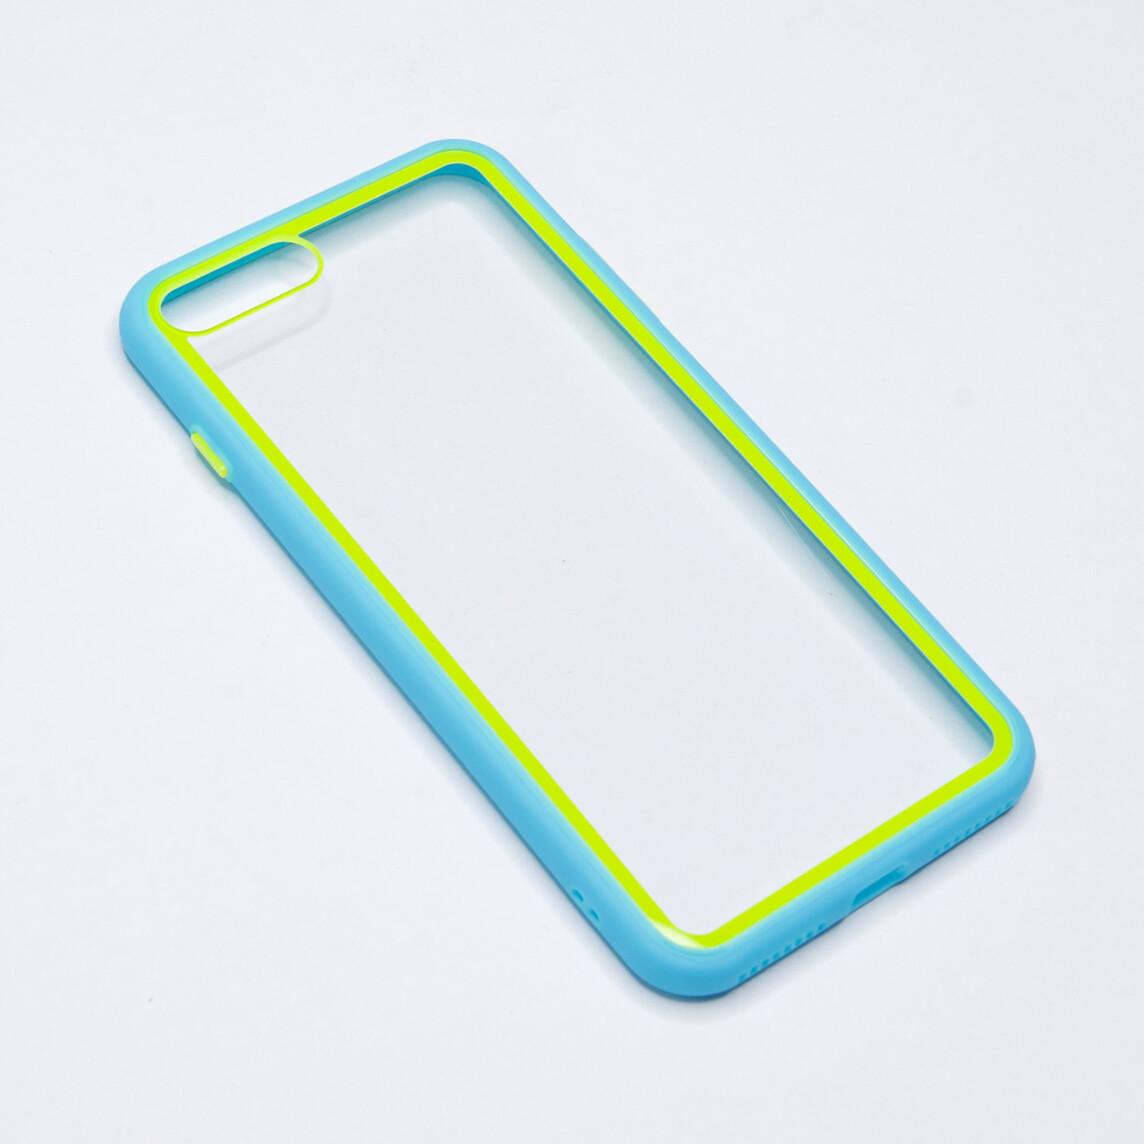 Estuche EL REY Marco De Color Celeste Y Parte De Atras Transparente - Iphone 7 /8 Plus